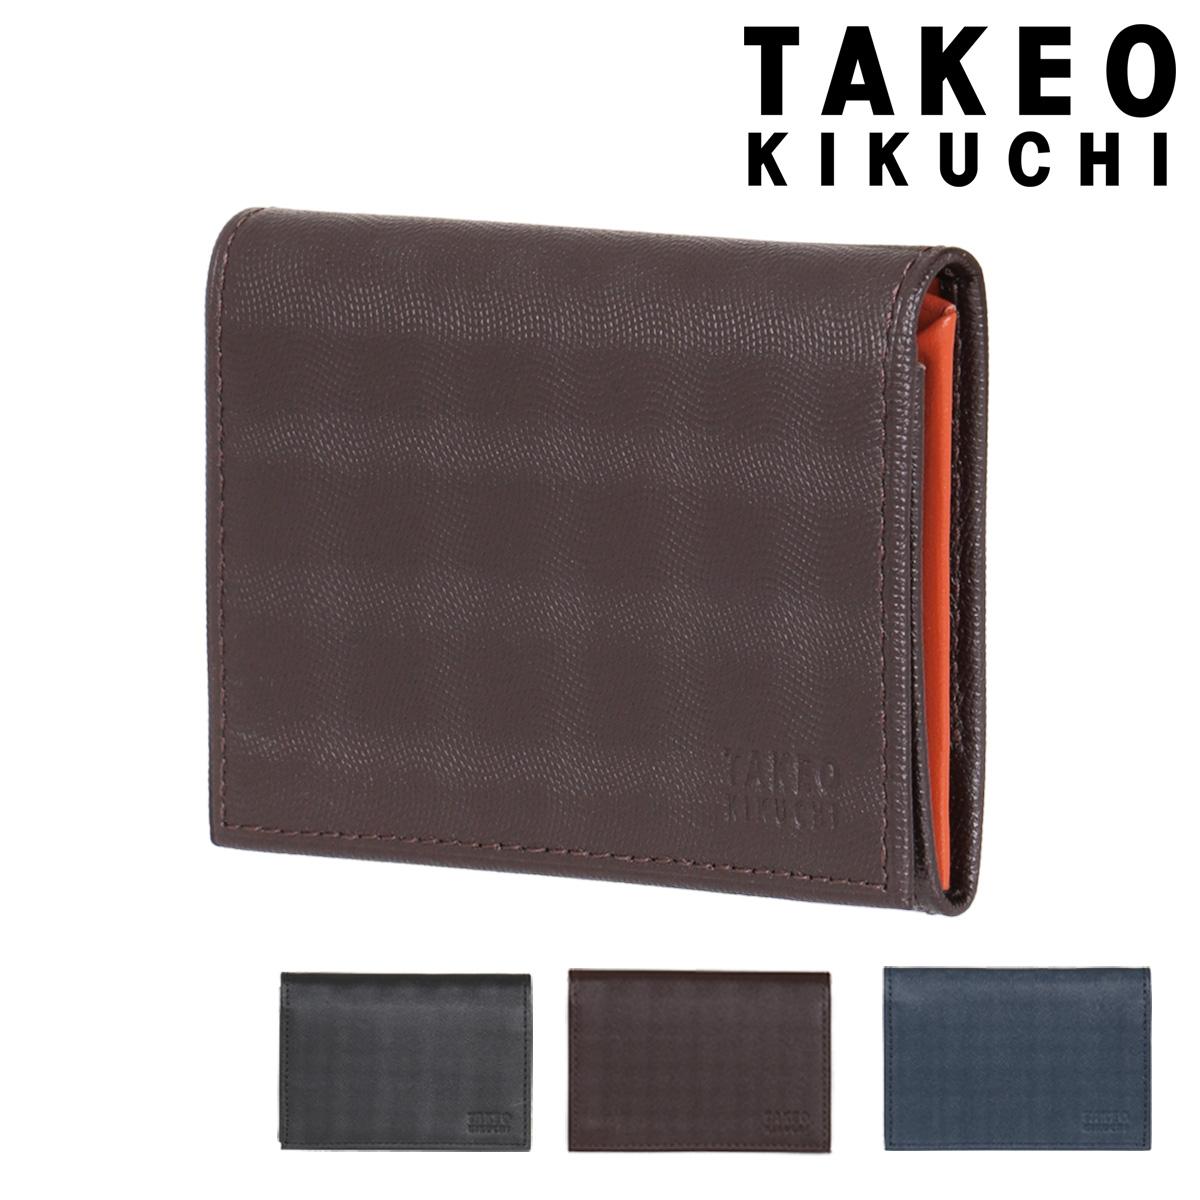 タケオキクチ 名刺入れ シェパード メンズ 784603 TAKEO KIKUCHI | カードケース 薄型 ブランド専用BOX付き 牛革 本革 レザー [PO5][bef]